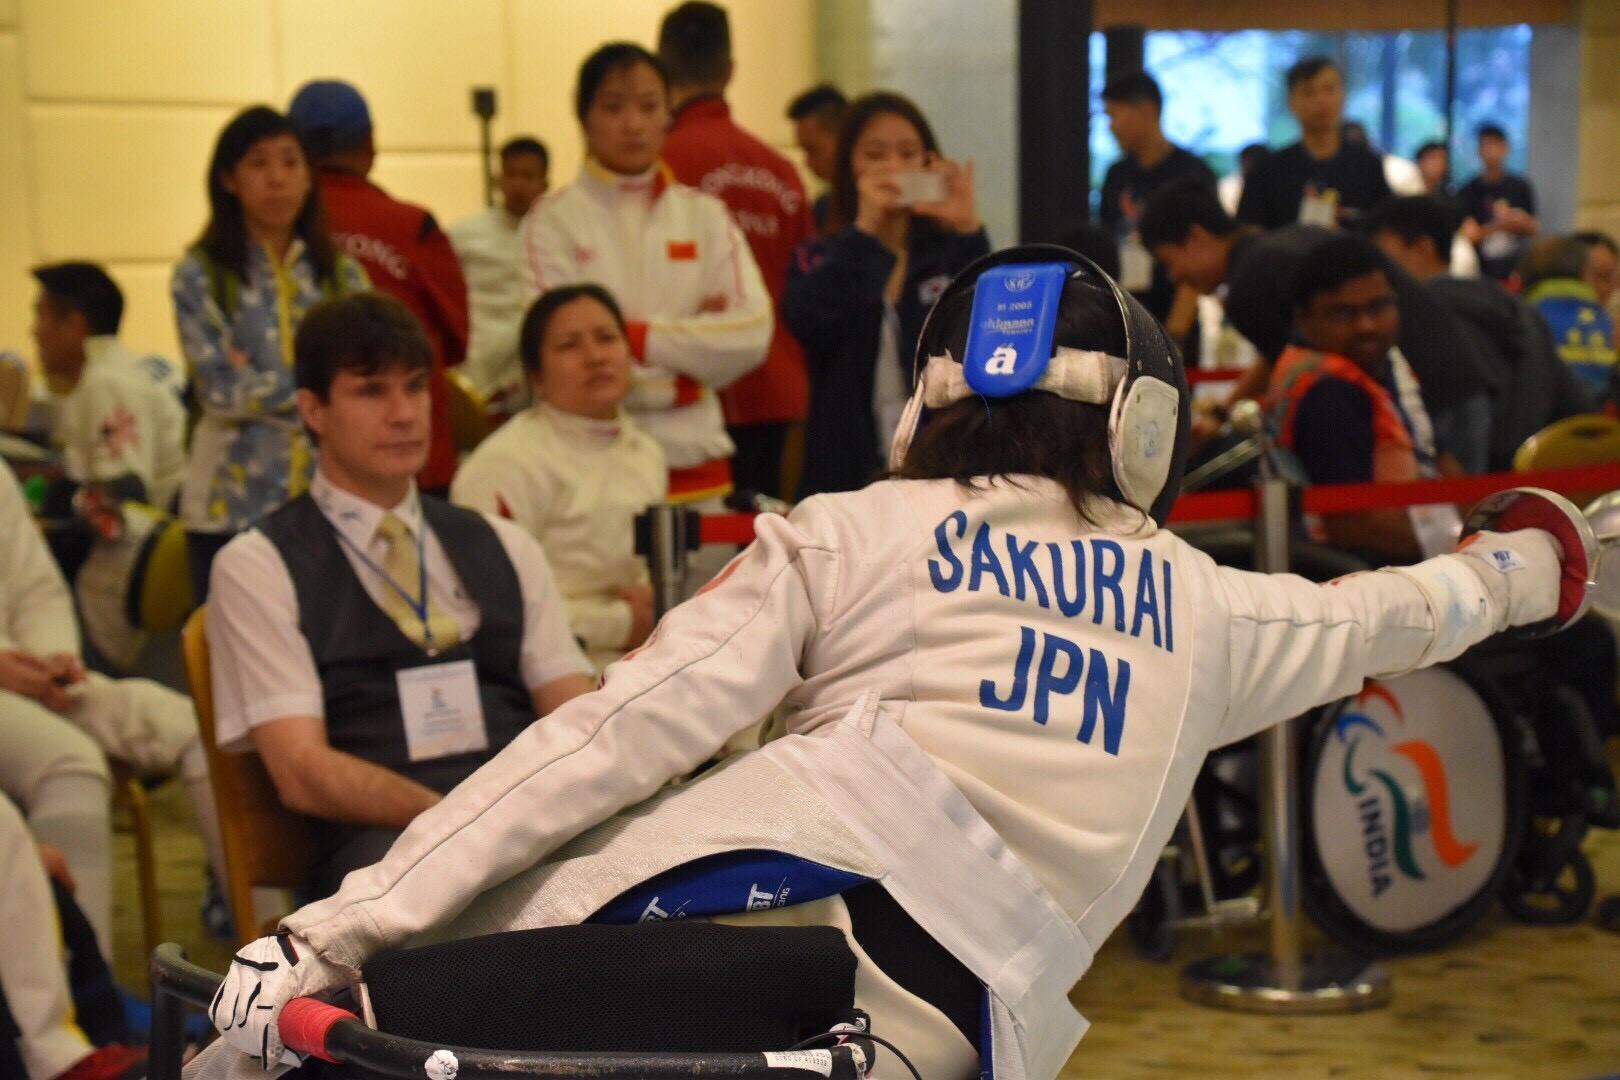 [車いすフェンシング、日本から世界へ!日本発メダリストを育成]の画像